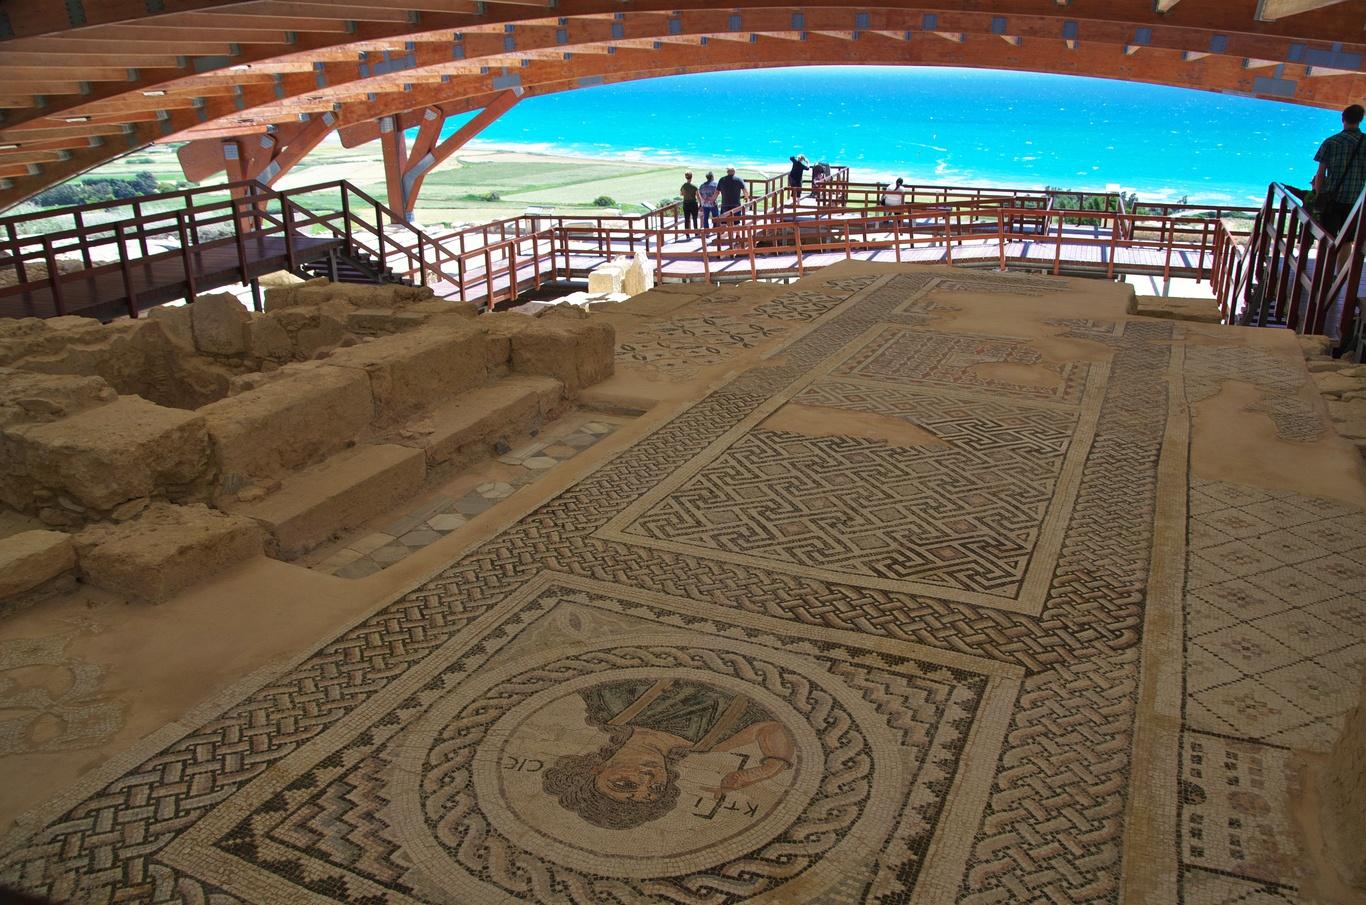 Archeologické naleziště Kourion, Eustoliův dům